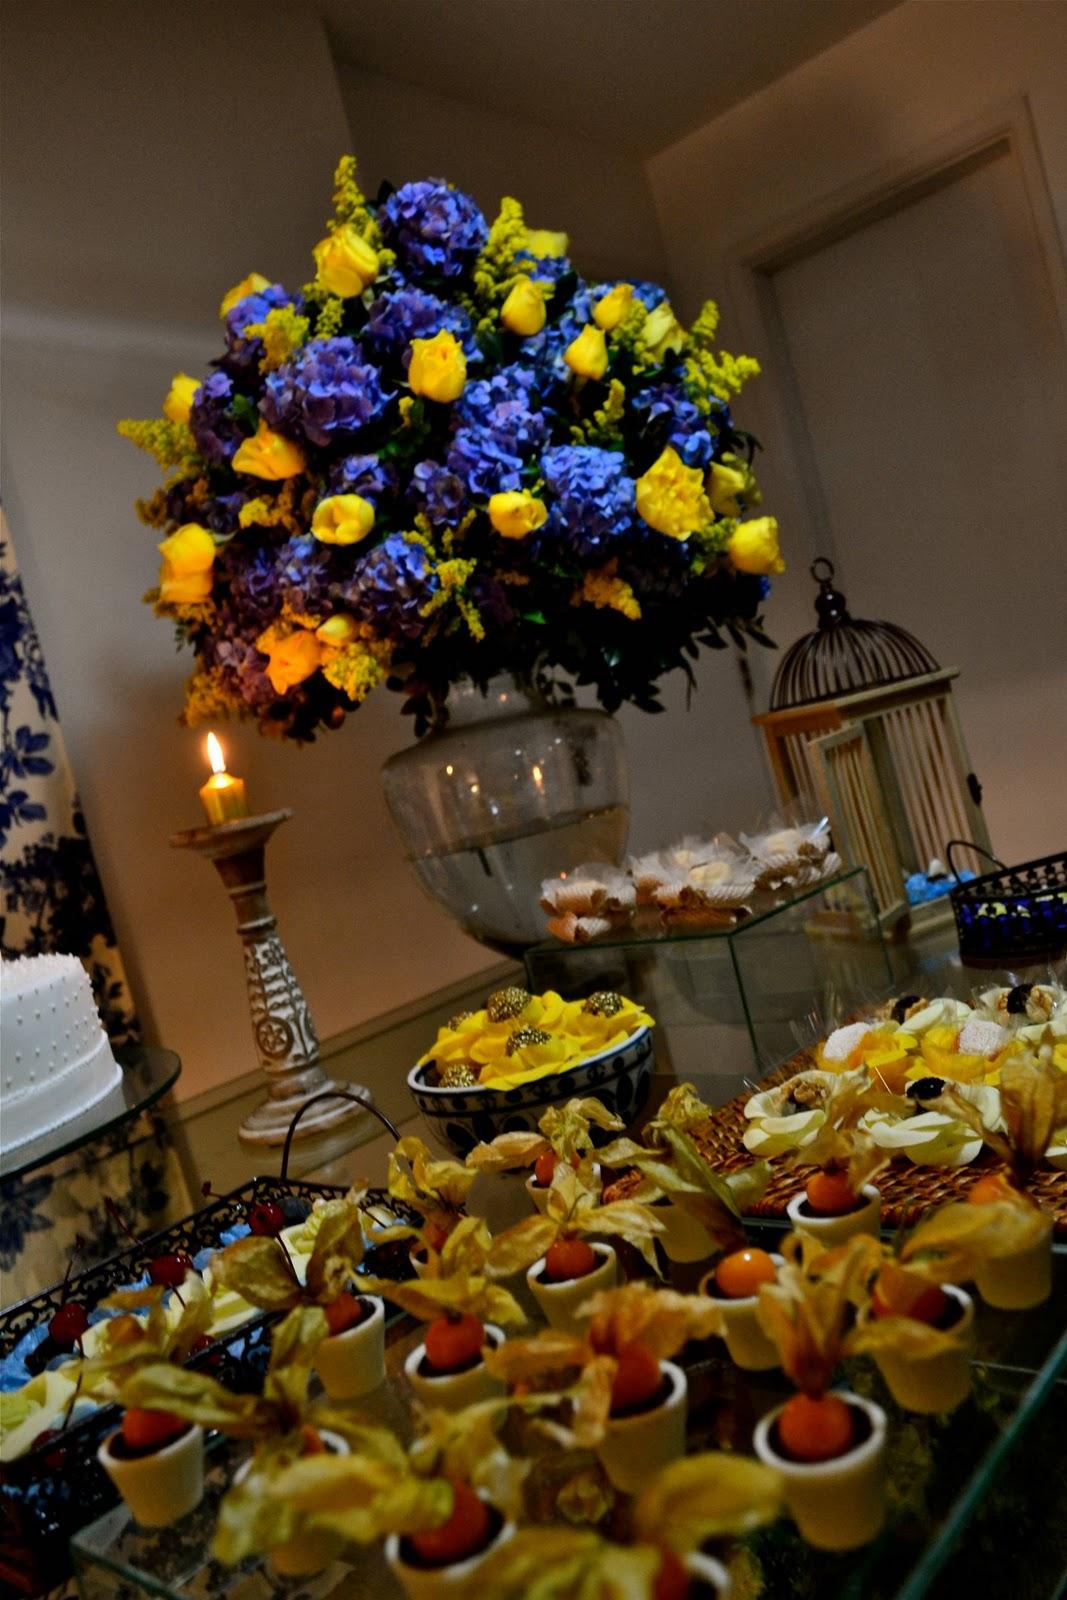 fotos de decoracao de casamento azul e amarelo : fotos de decoracao de casamento azul e amarelo:Ficando noiva: Decoração: Azul e Amarelo